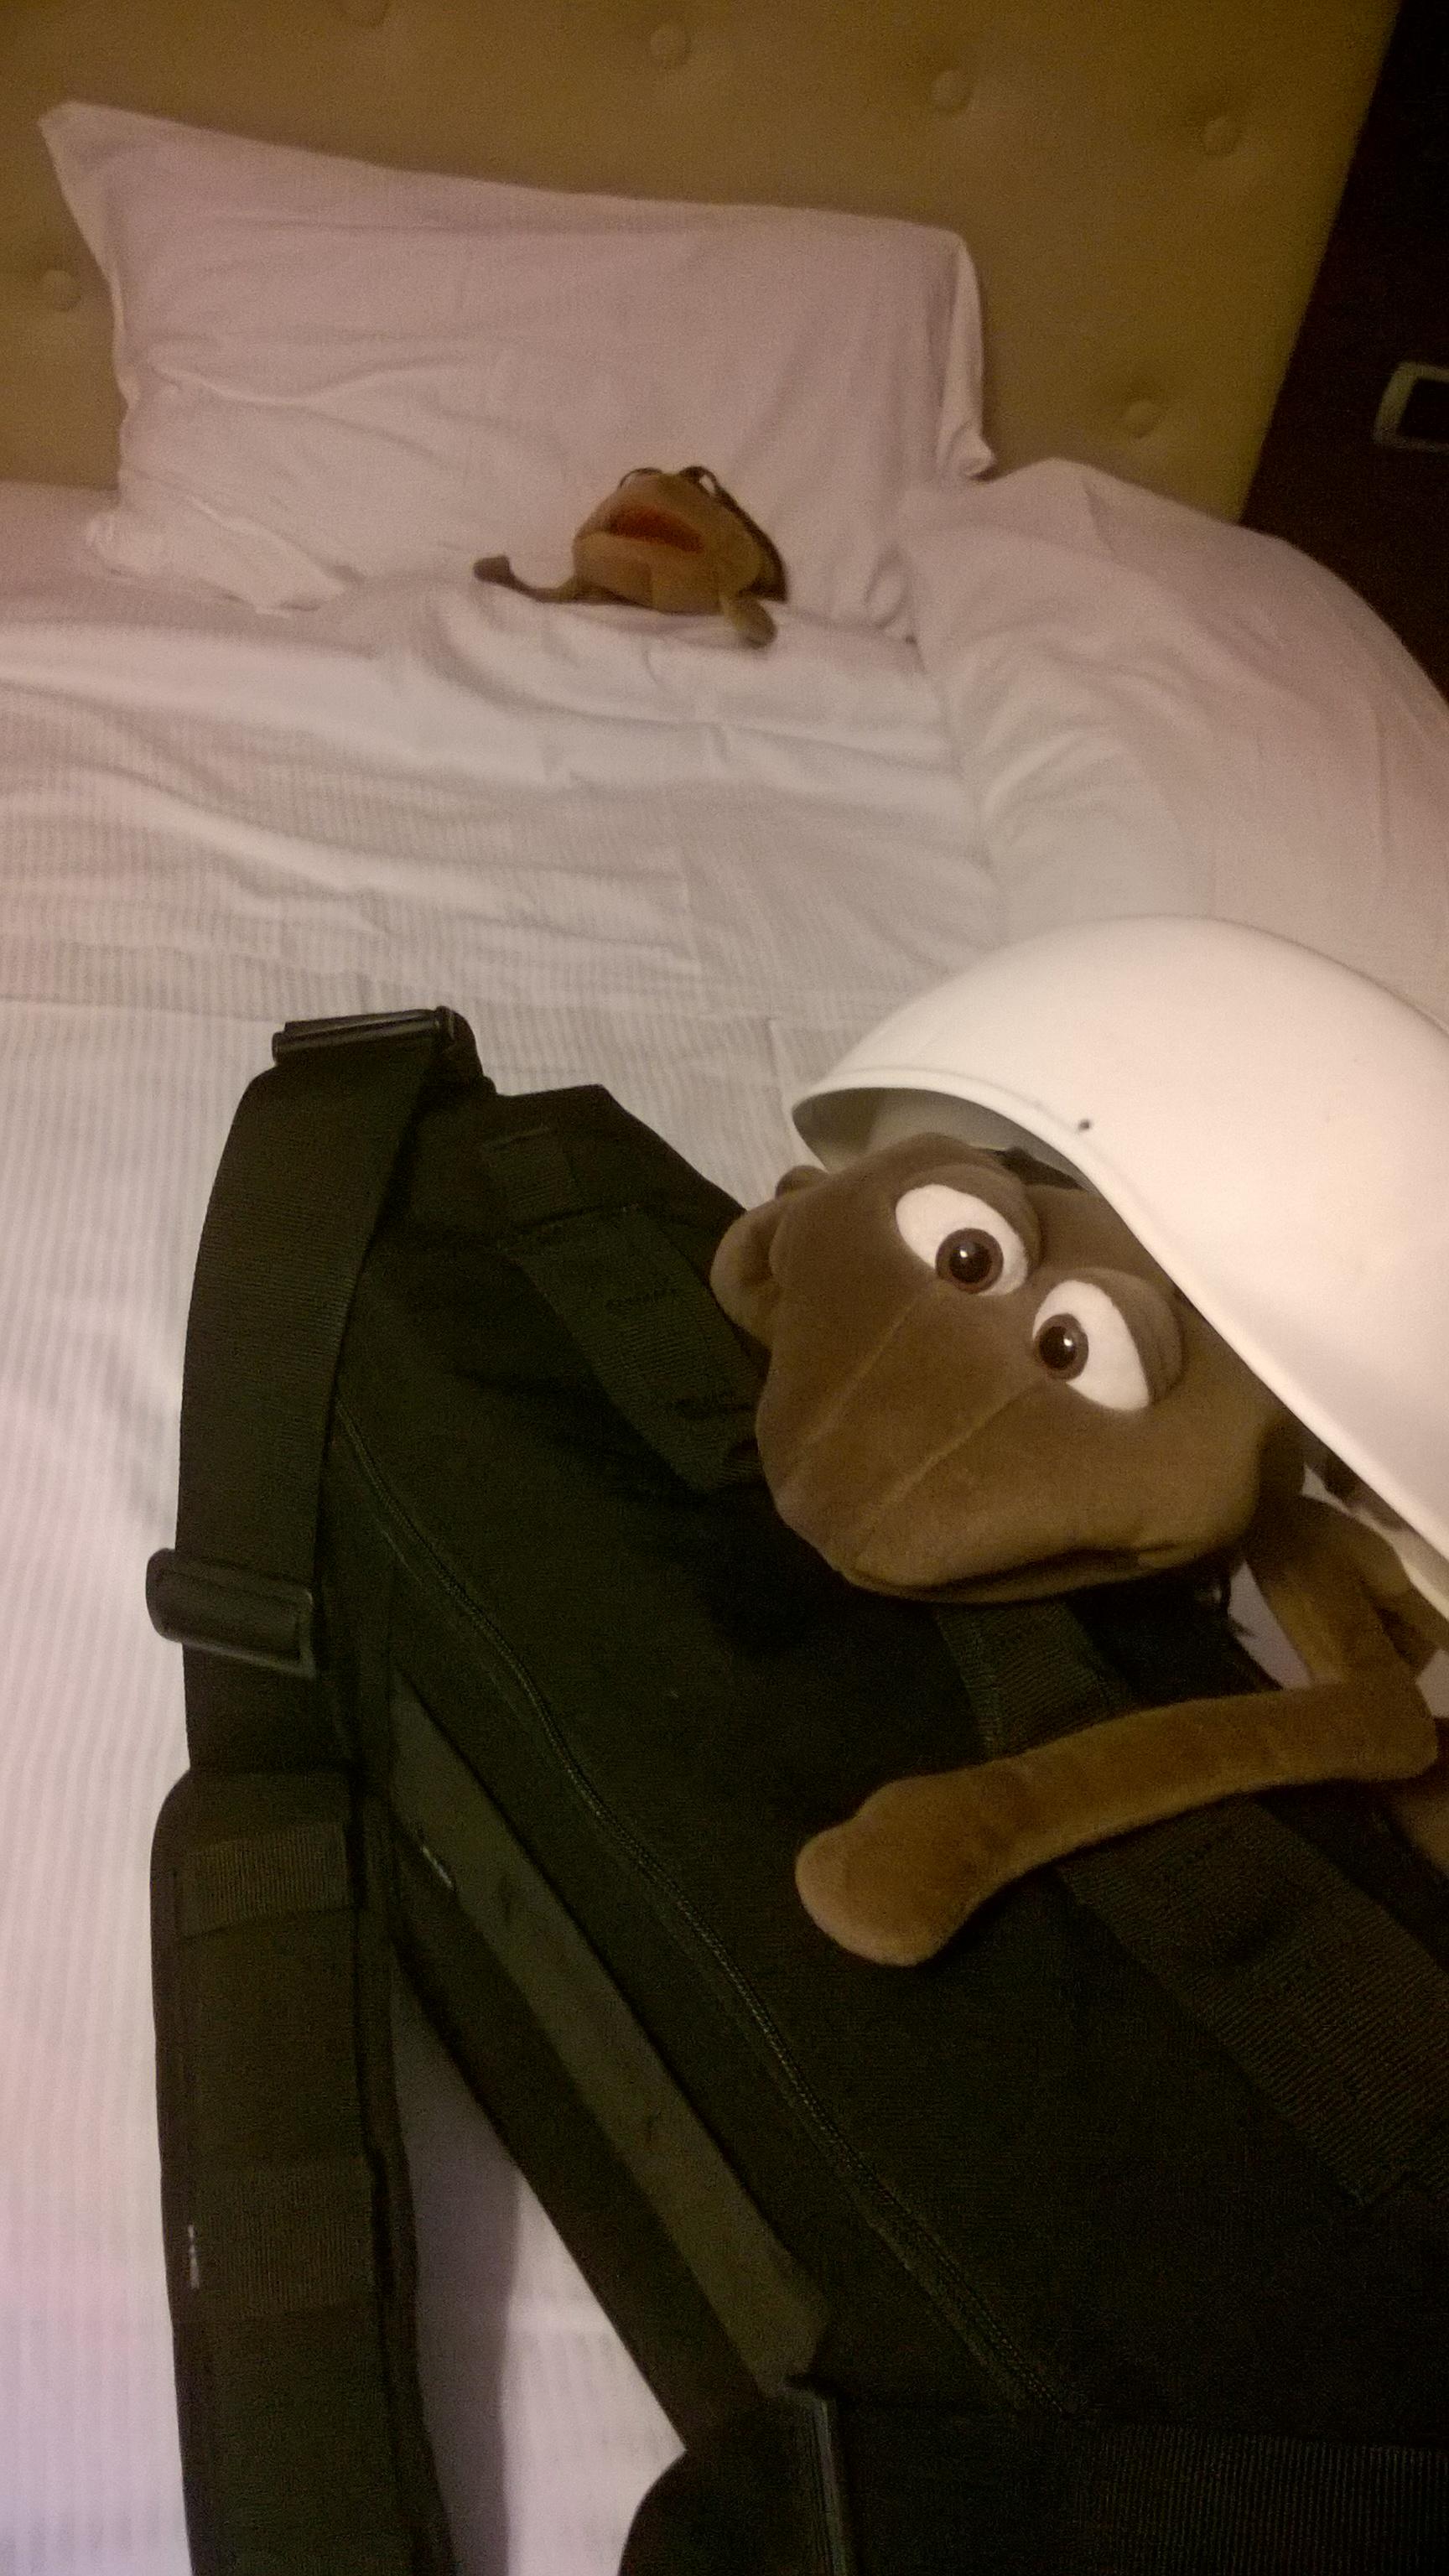 Früh am Morgen und ganz sicher unter dem Helm. Norbert schnarcht...